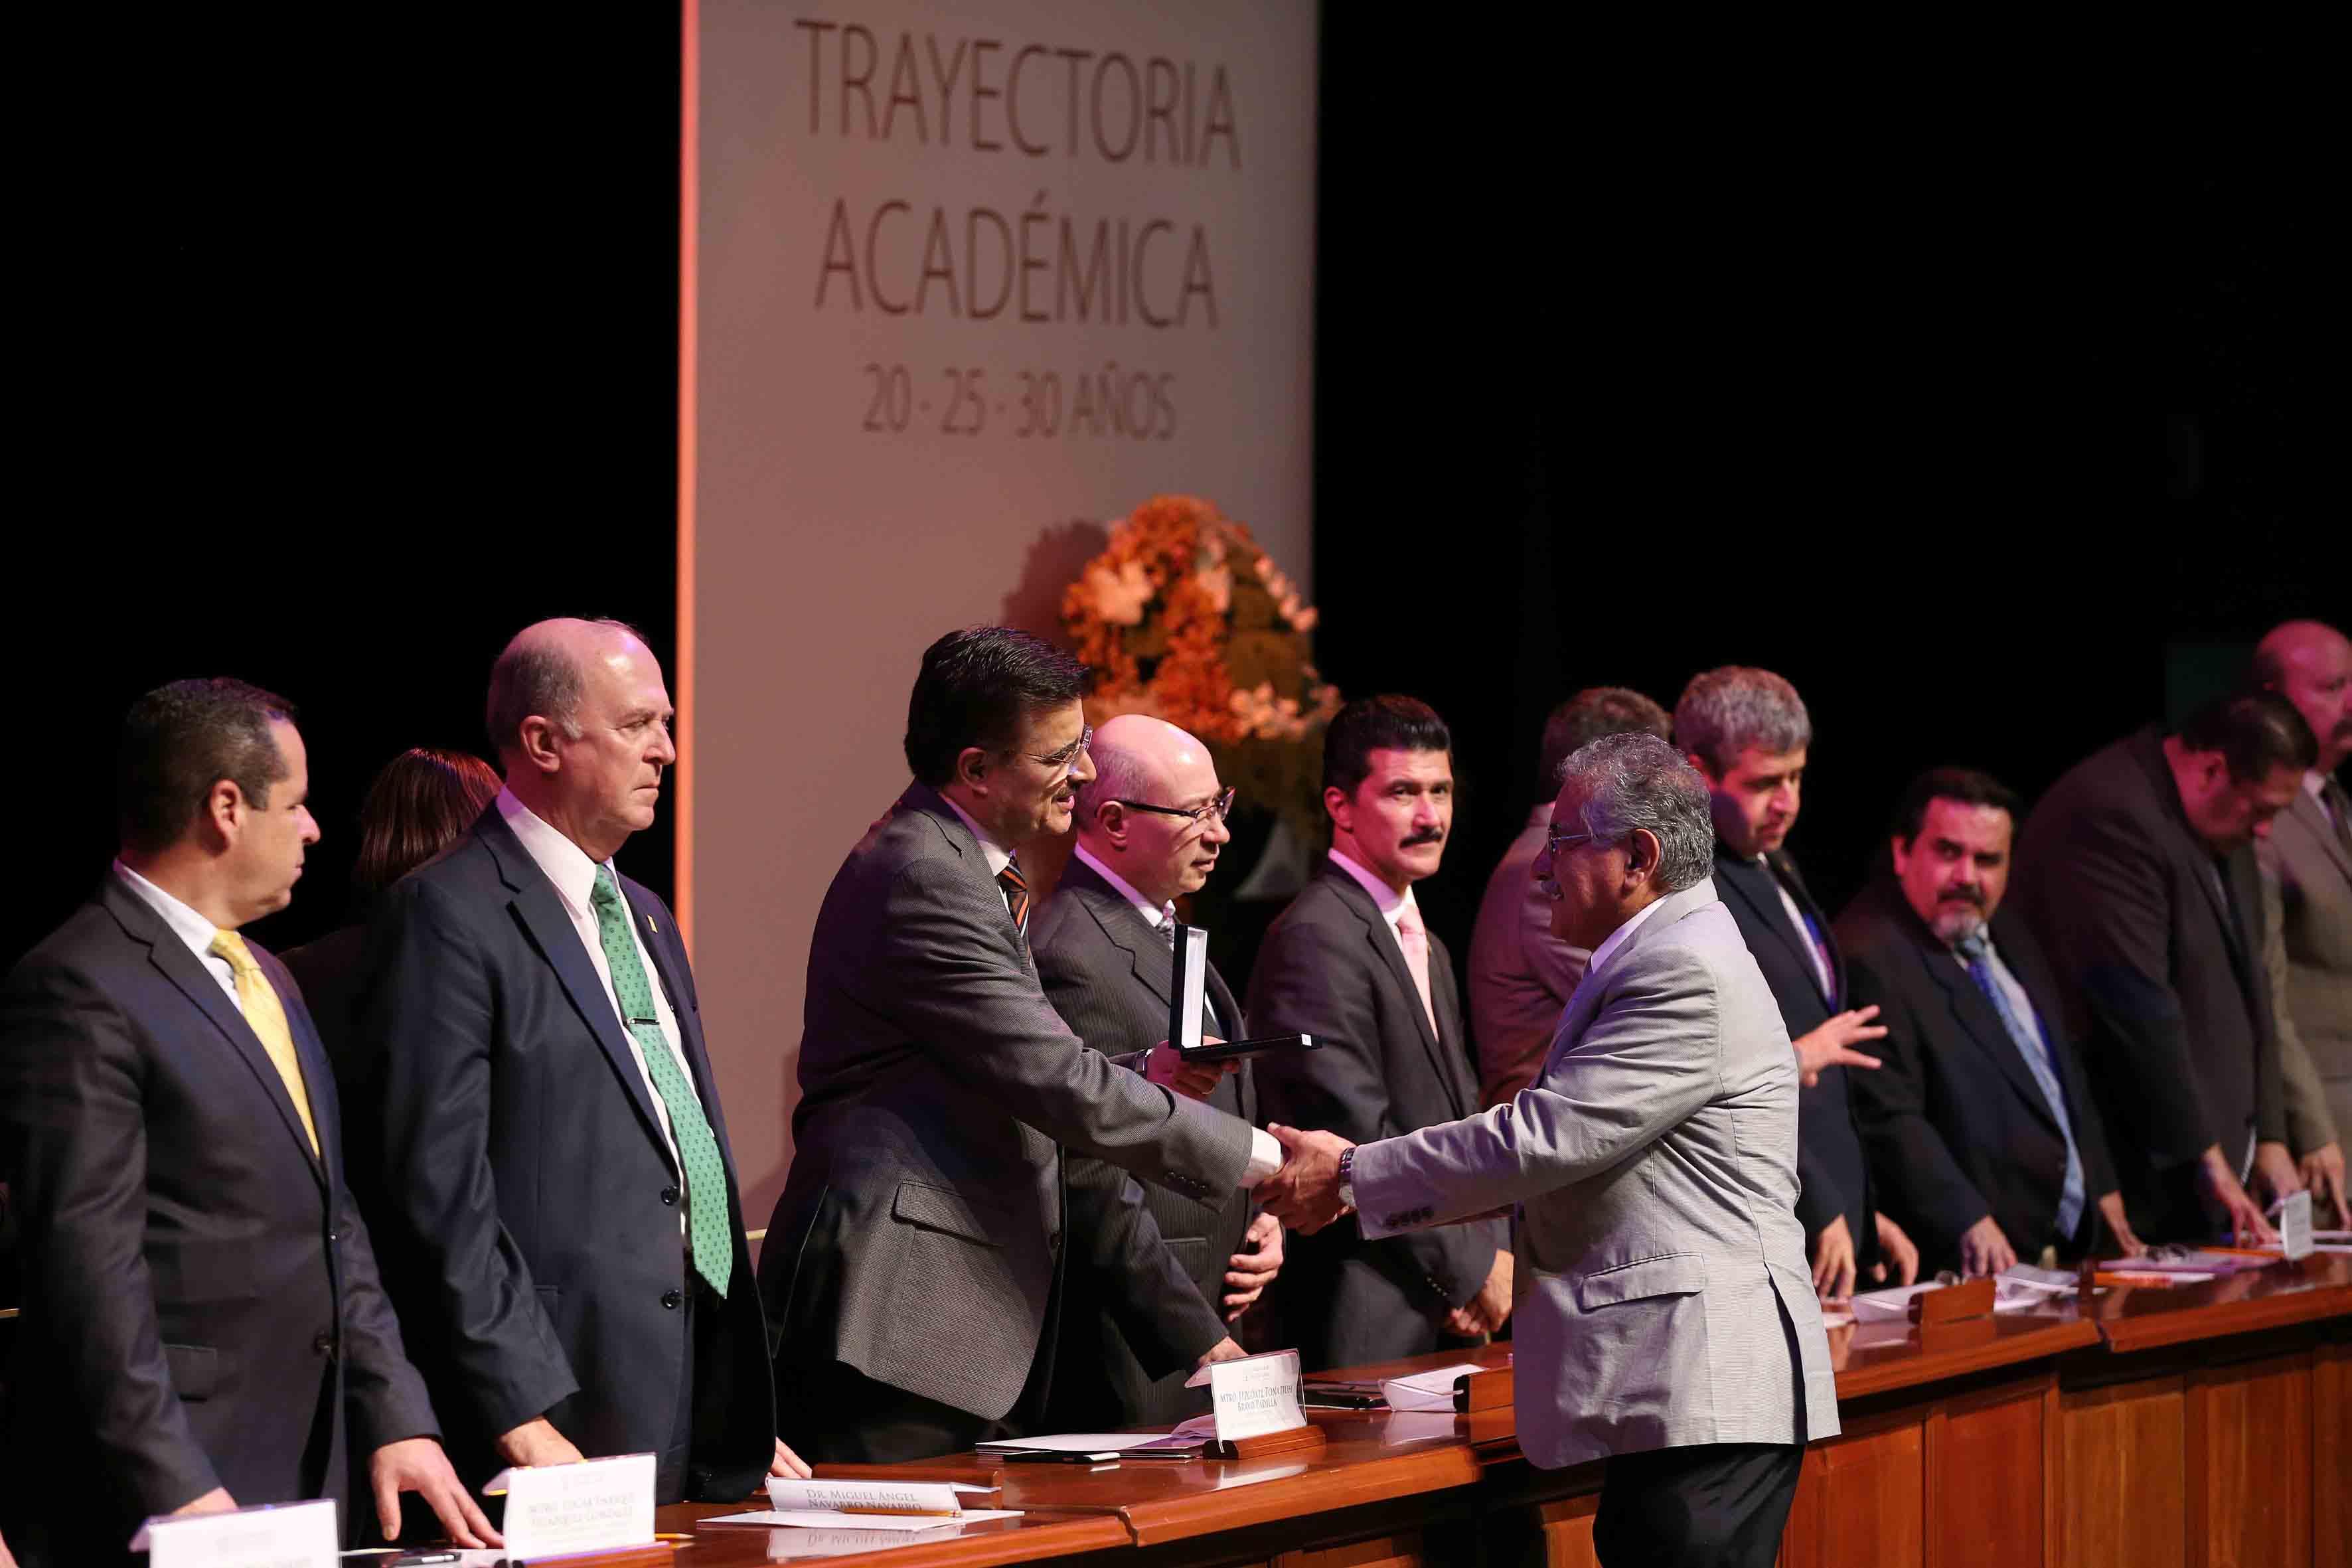 Academico recibiendo reconocimiento